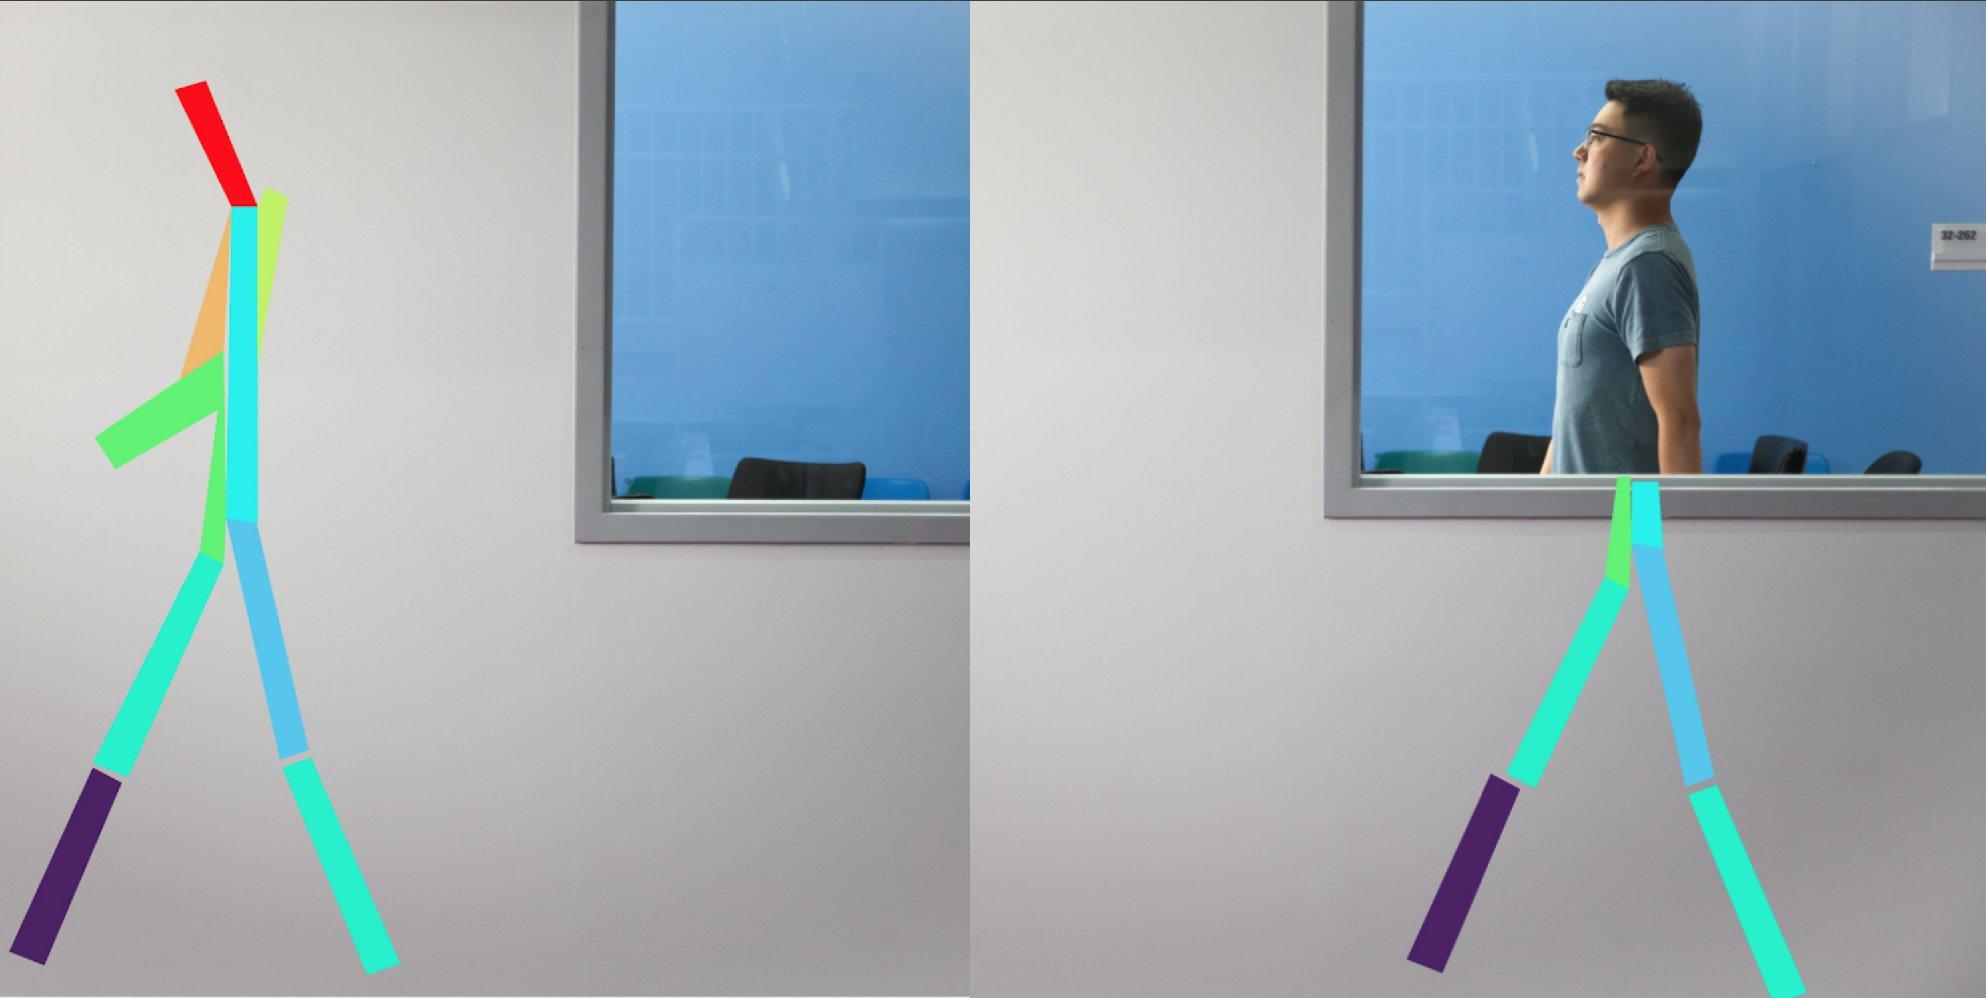 Ideata al MIT una IA in grado di percepire le persone attraverso i muri